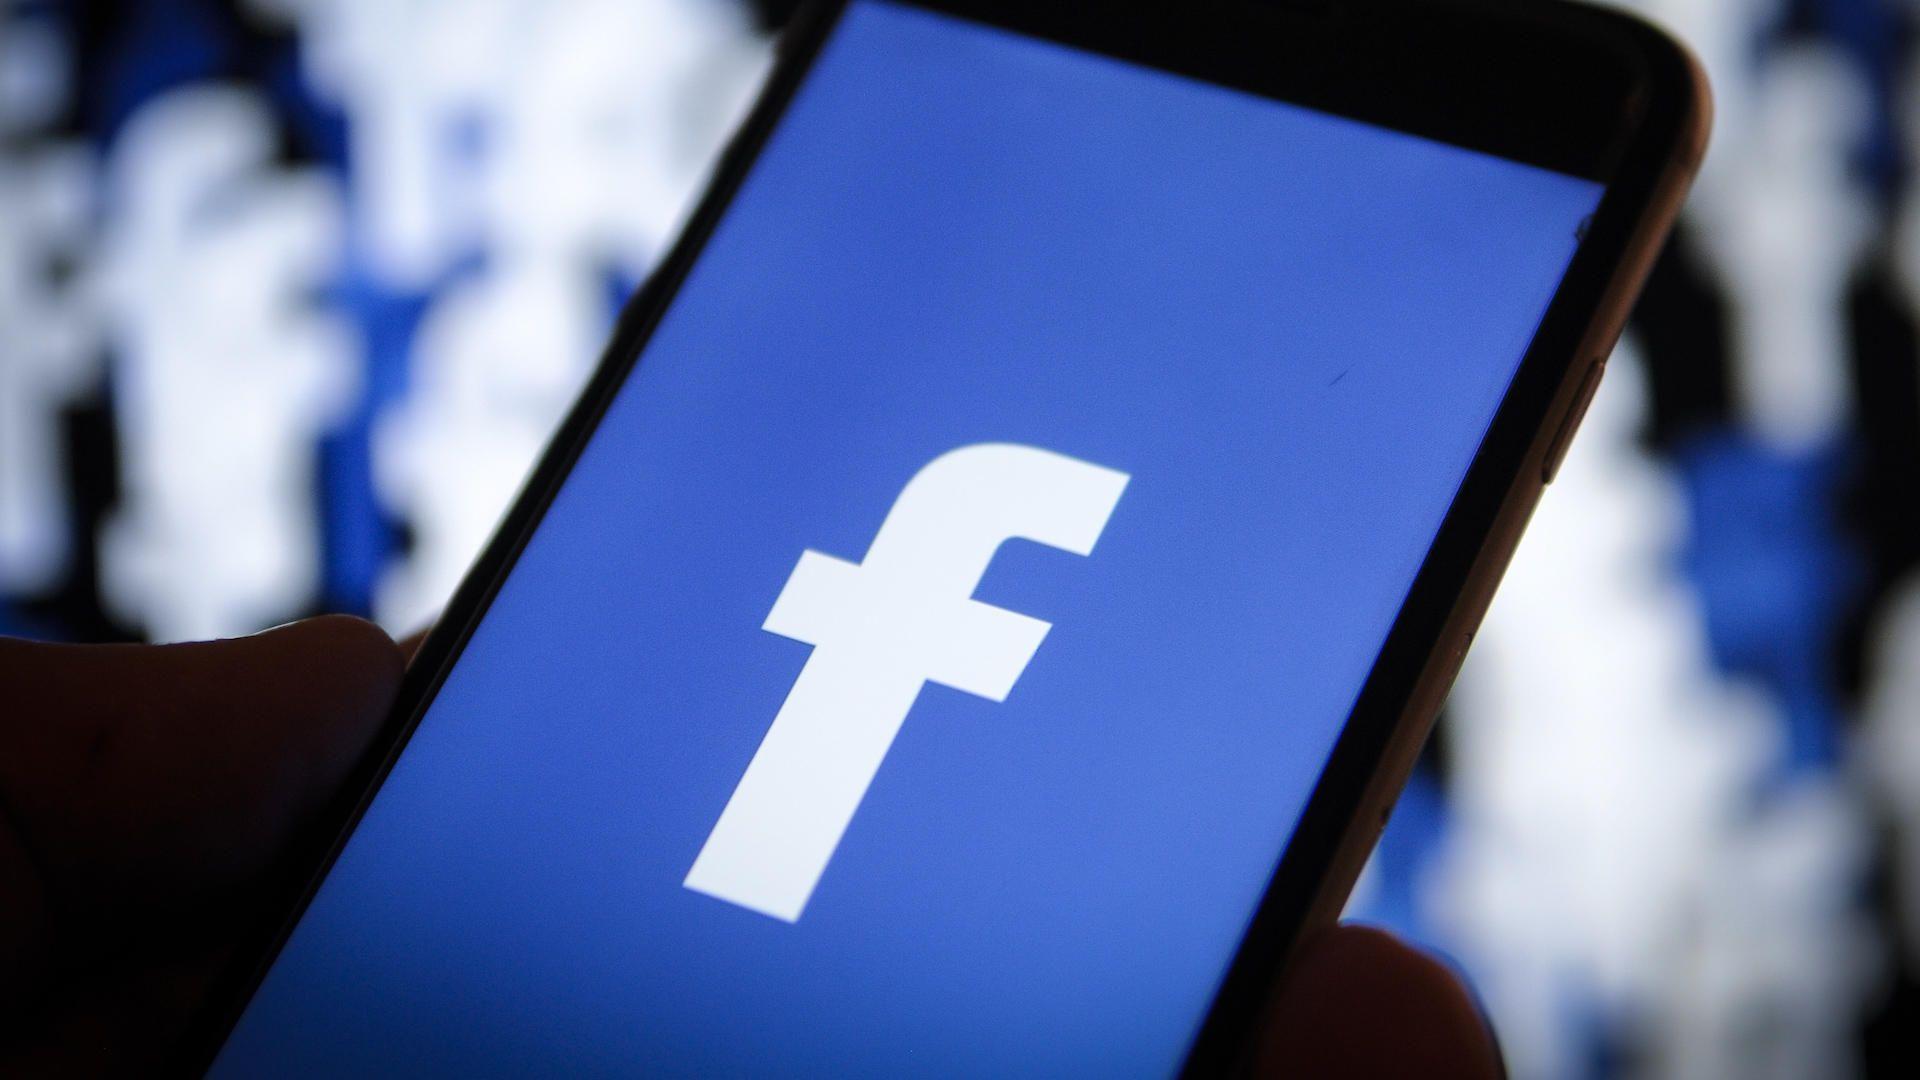 Saiba como entrar no Facebook sem precisar digitar a sua senha